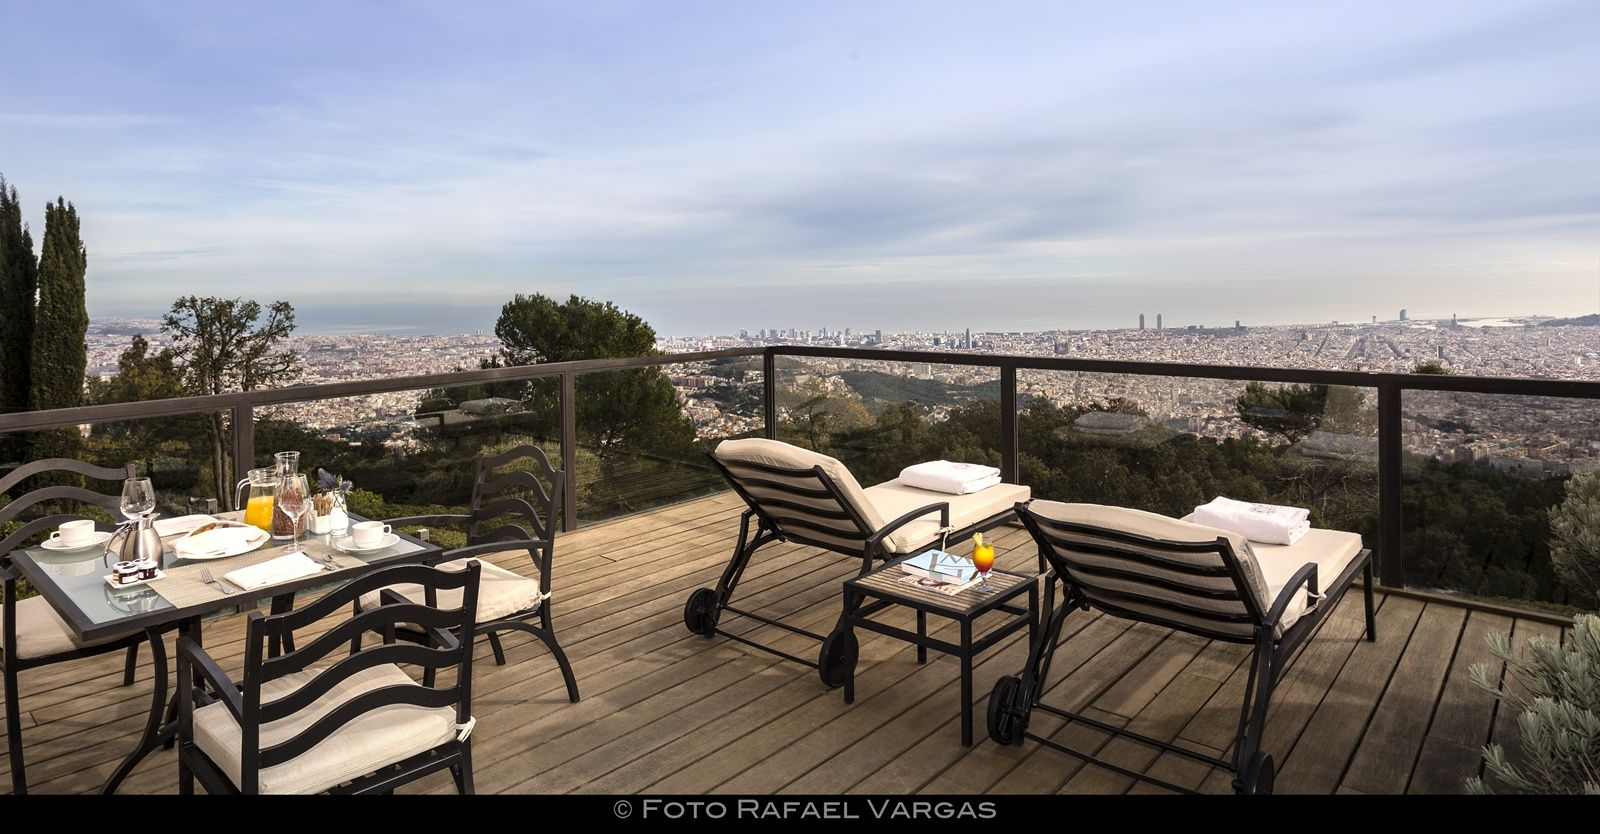 Hotel gran hotel la florida barat simo - Ducha en la terraza ...